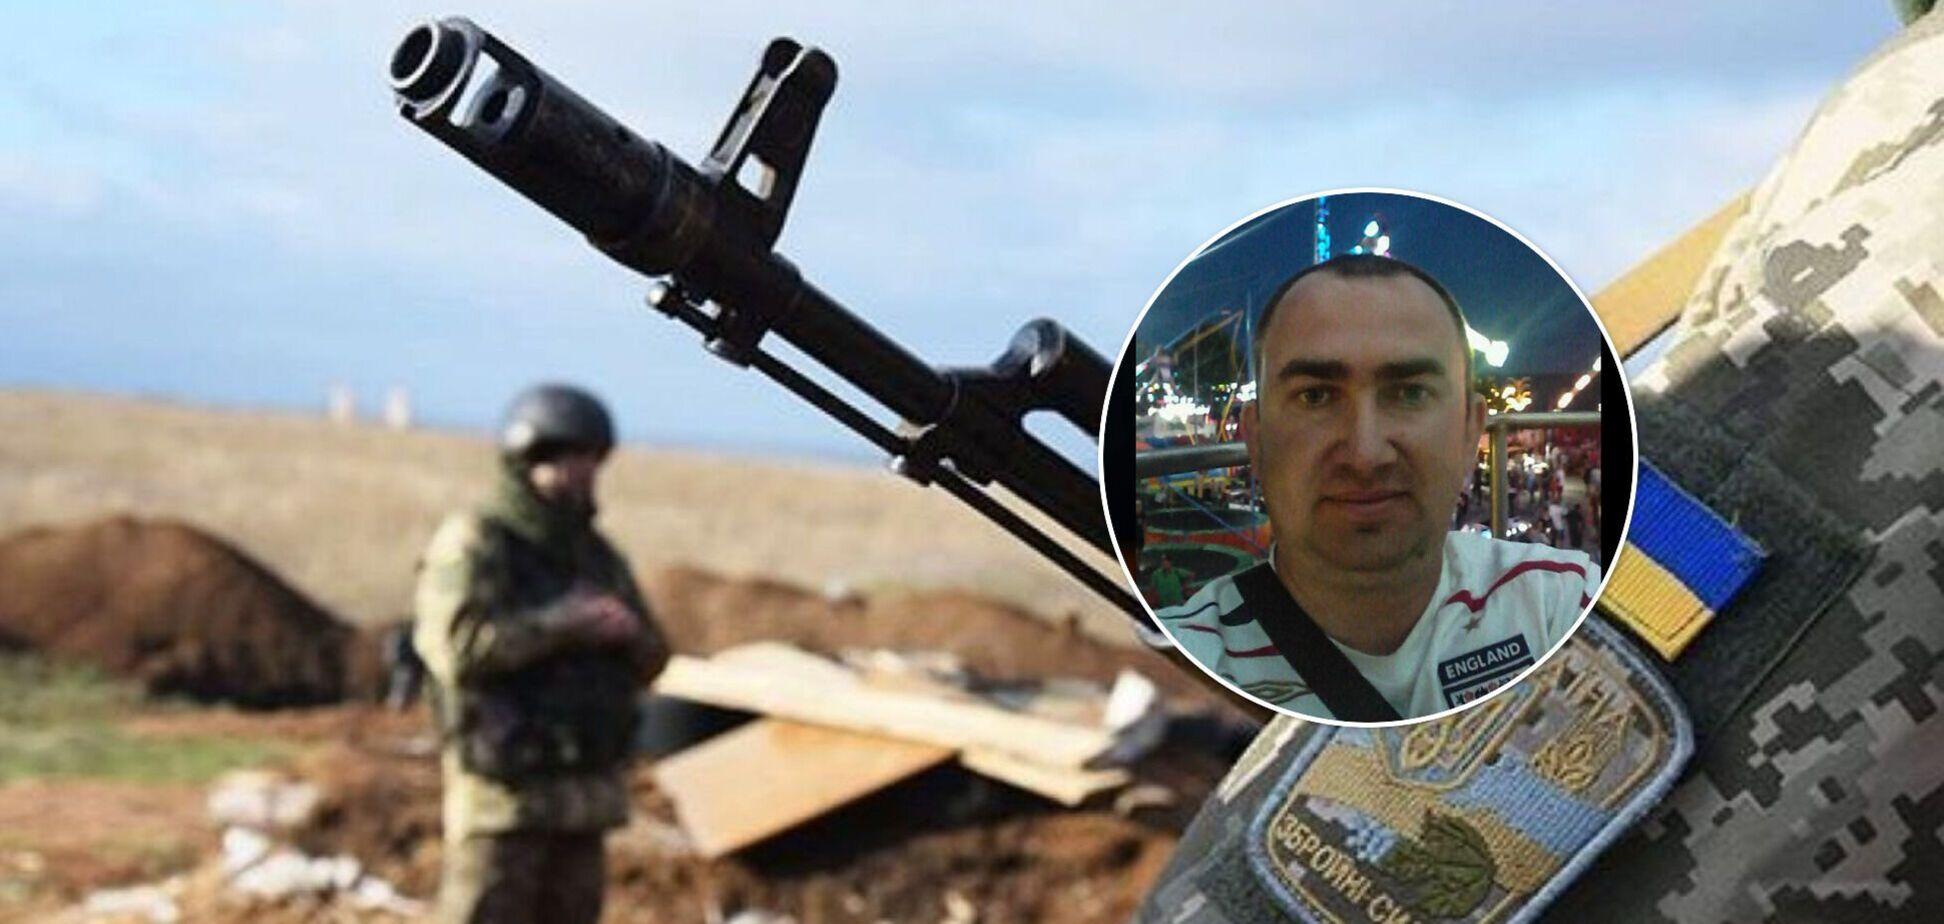 На Донбасі загинув майор 93-ої бригади: у Героя залишилося четверо дітей. Фото